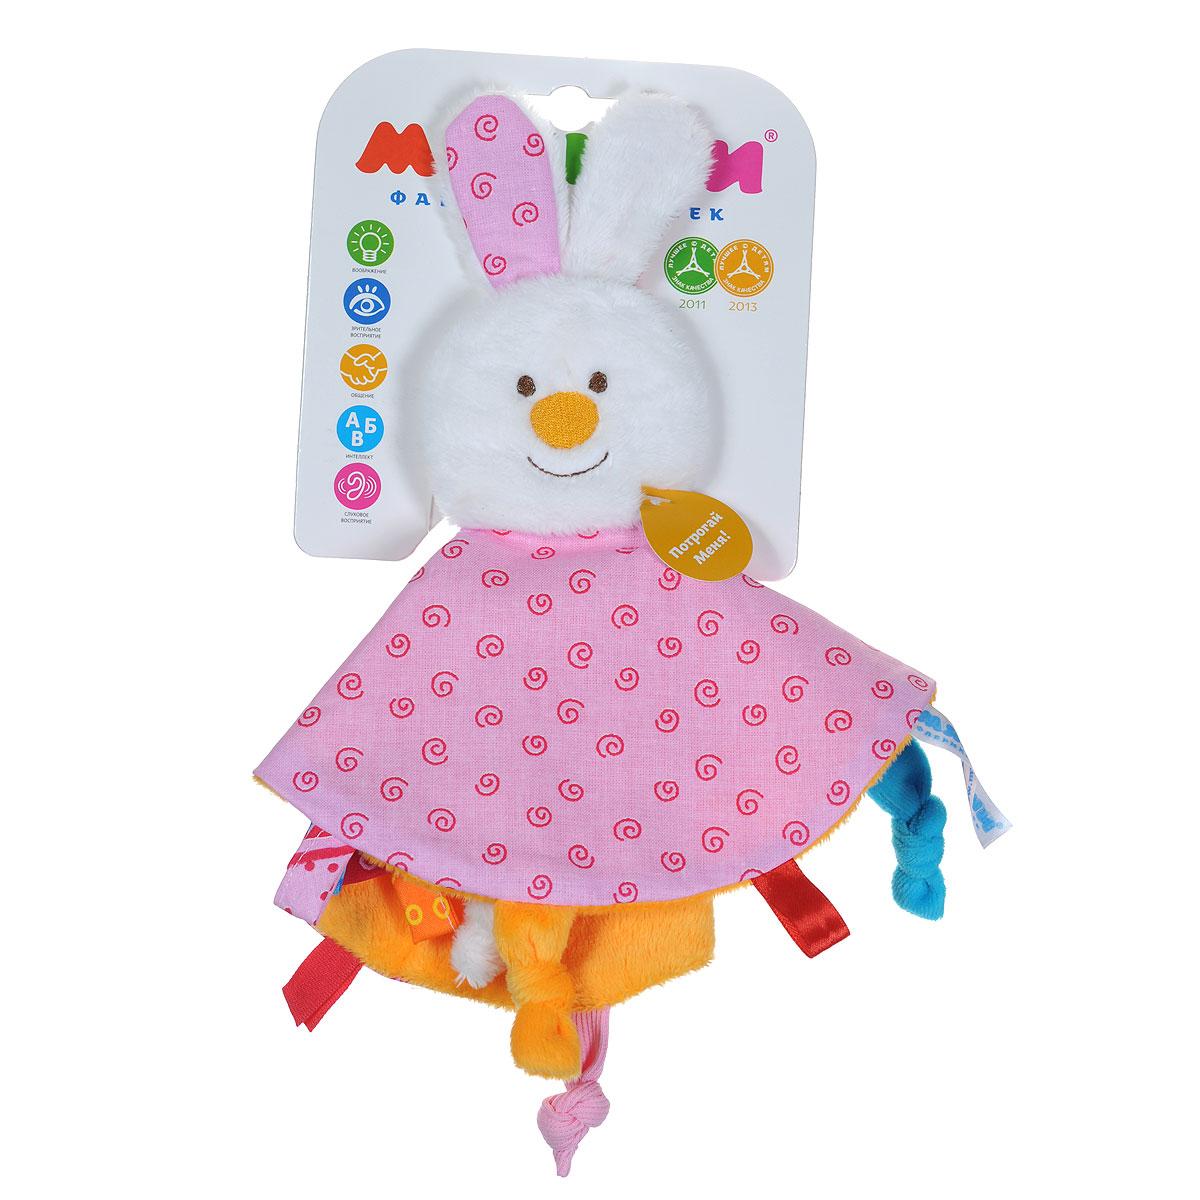 Игрушка-салфетка Мякиши Зайка, цвет: оранжевый, розовый324Игрушка-салфетка Мякиши Зайка подарит вашему малышу чувство теплоты и заботы, ощущение максимального комфорта и безопасности. Она выполнена из мягкого плюша и хлопка в виде круглой салфетки, в центре которой расположена голова симпатичного зайчонка. На салфетке завязаны узелки и имеются петельки разных фактур, что способствует развитию тактильных ощущений у малыша. Узелки он сможет трогать ручками, совершенствуя моторику нежных пальчиков или грызть при прорезывании зубов. Игрушка удивительно приятна на ощупь, малыш с удовольствием будет держать ее в ручках и засыпать с ней. Мягкая игрушка-салфетка поможет крохе в развитии зрительного восприятия, мышления, мелкой моторики рук, воображения и эмоционального восприятия, а также защитит одежду малыша от срыгиваний во время сна.